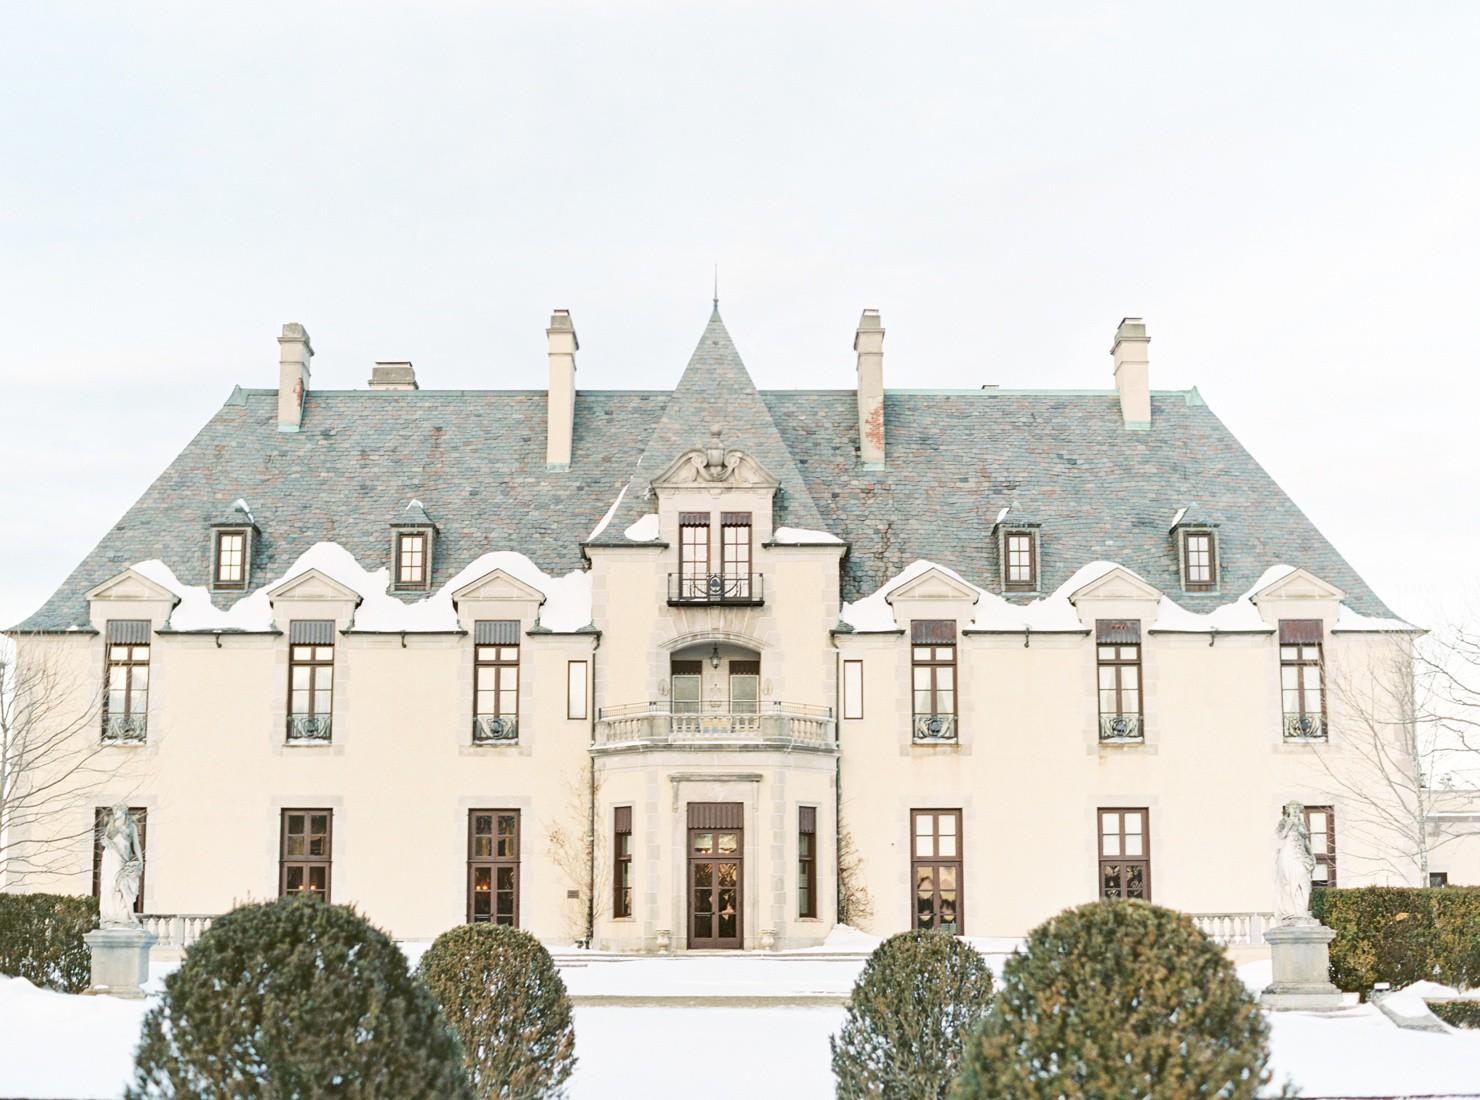 4 sự thật về toà lâu đài mà chỉ giới nhà giàu ở Mỹ mới dám thuê tổ chức đám cưới, Taylor Swfit là ngôi sao hiếm hoi từng quay MV ở đây - Ảnh 5.